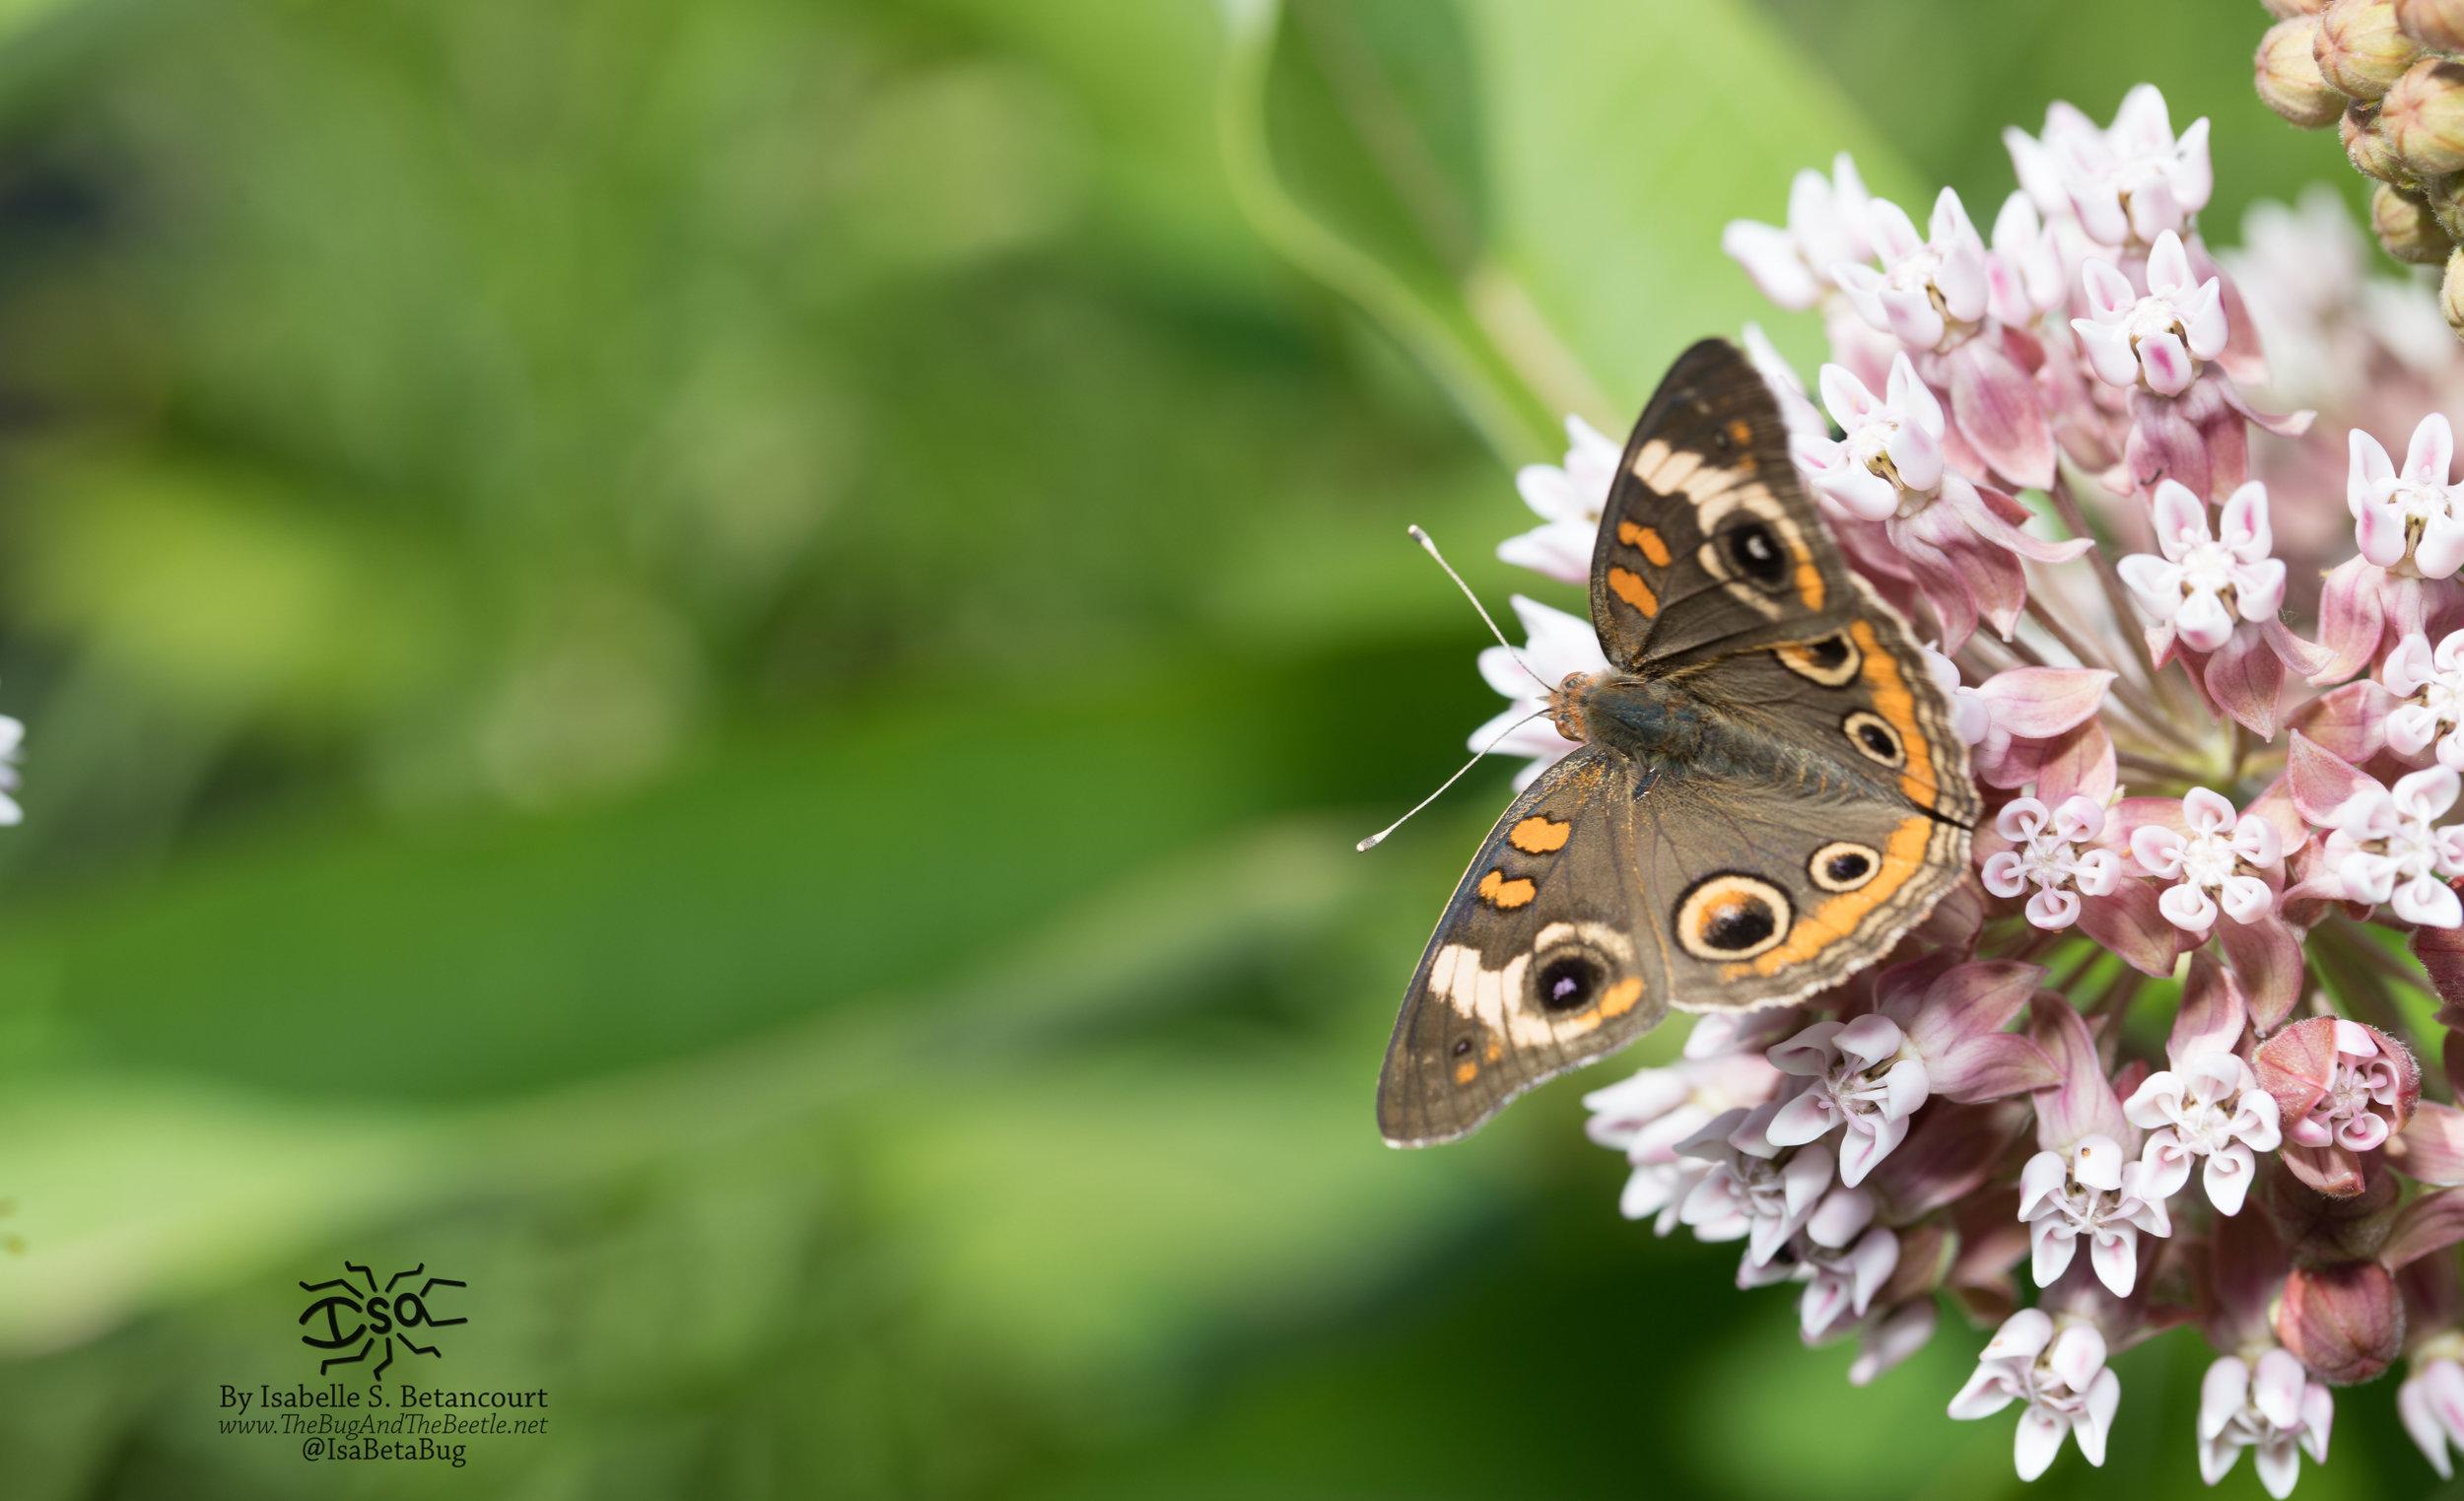 betancourt buckeye butterfly milkweed new jersey